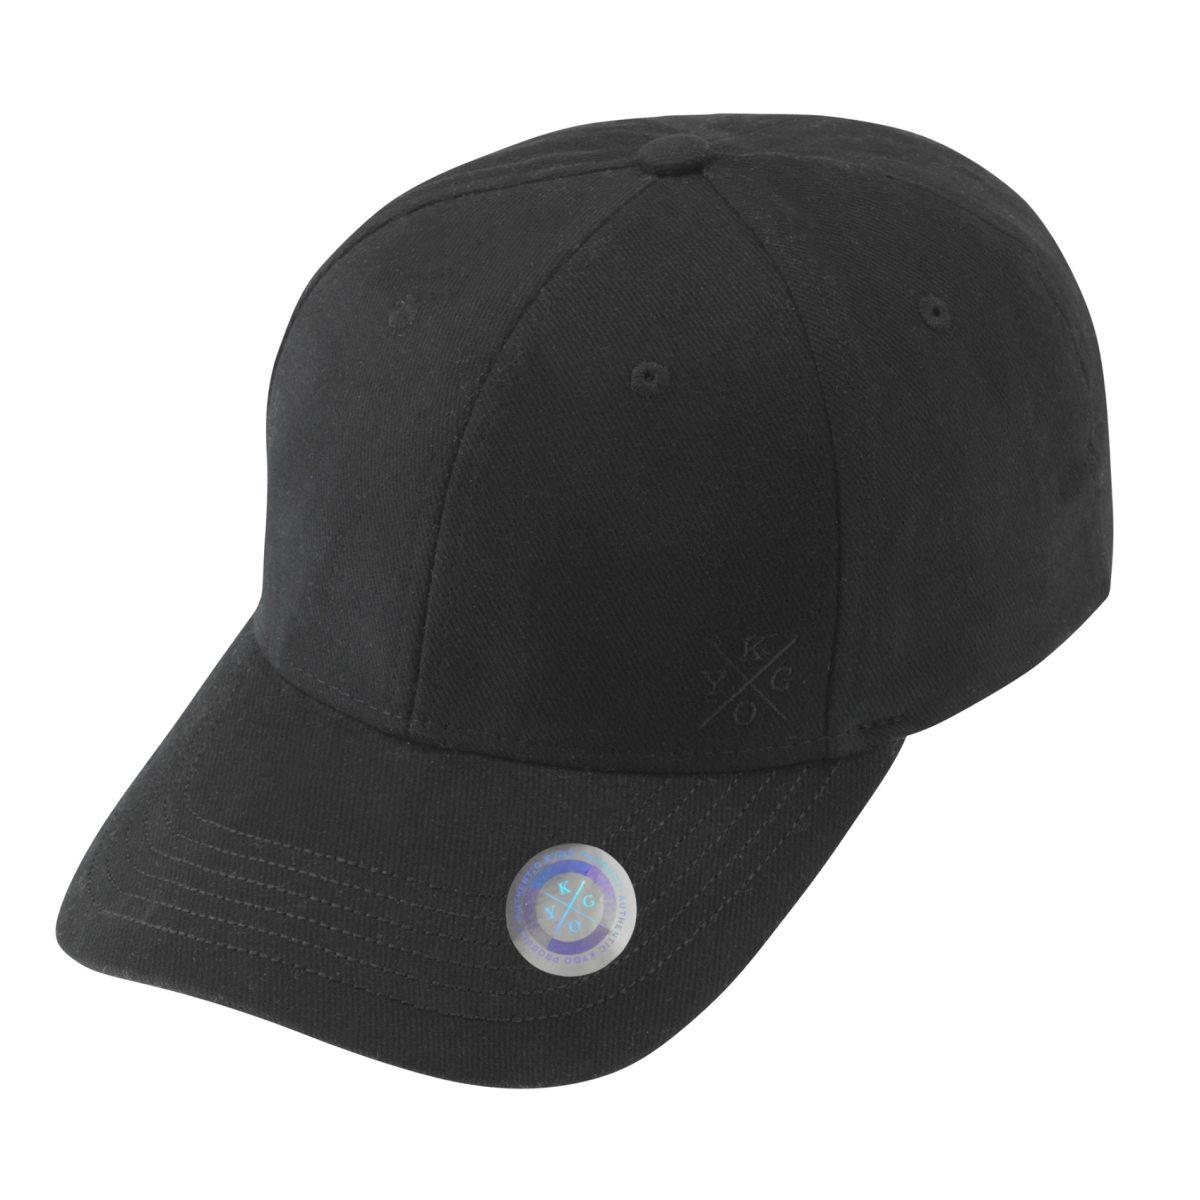 tactical baseball winter cap black finns på PricePi.com. db291904af5